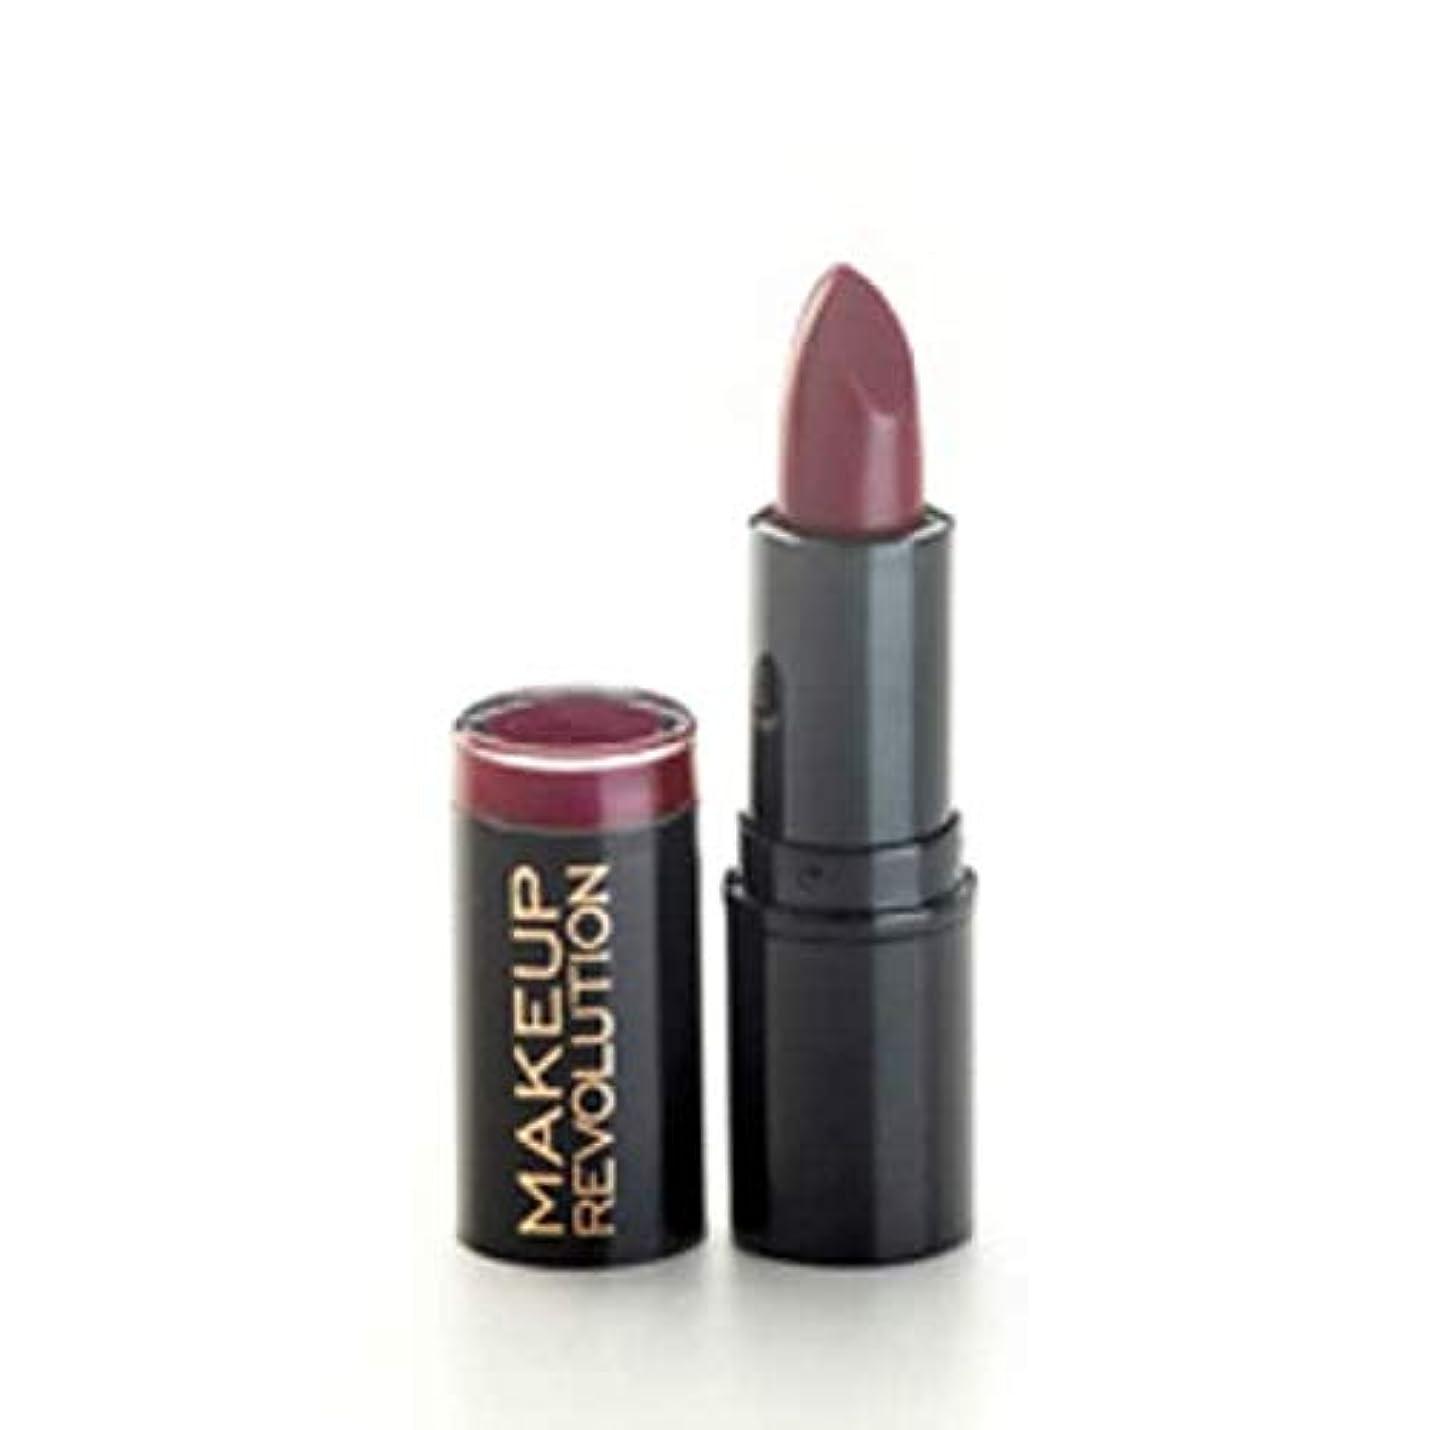 テレビ頻繁に扱う[Revolution ] 原因と革命Vampコレクションの口紅の反乱 - Revolution Vamp Collection Lipstick Rebel with Cause [並行輸入品]